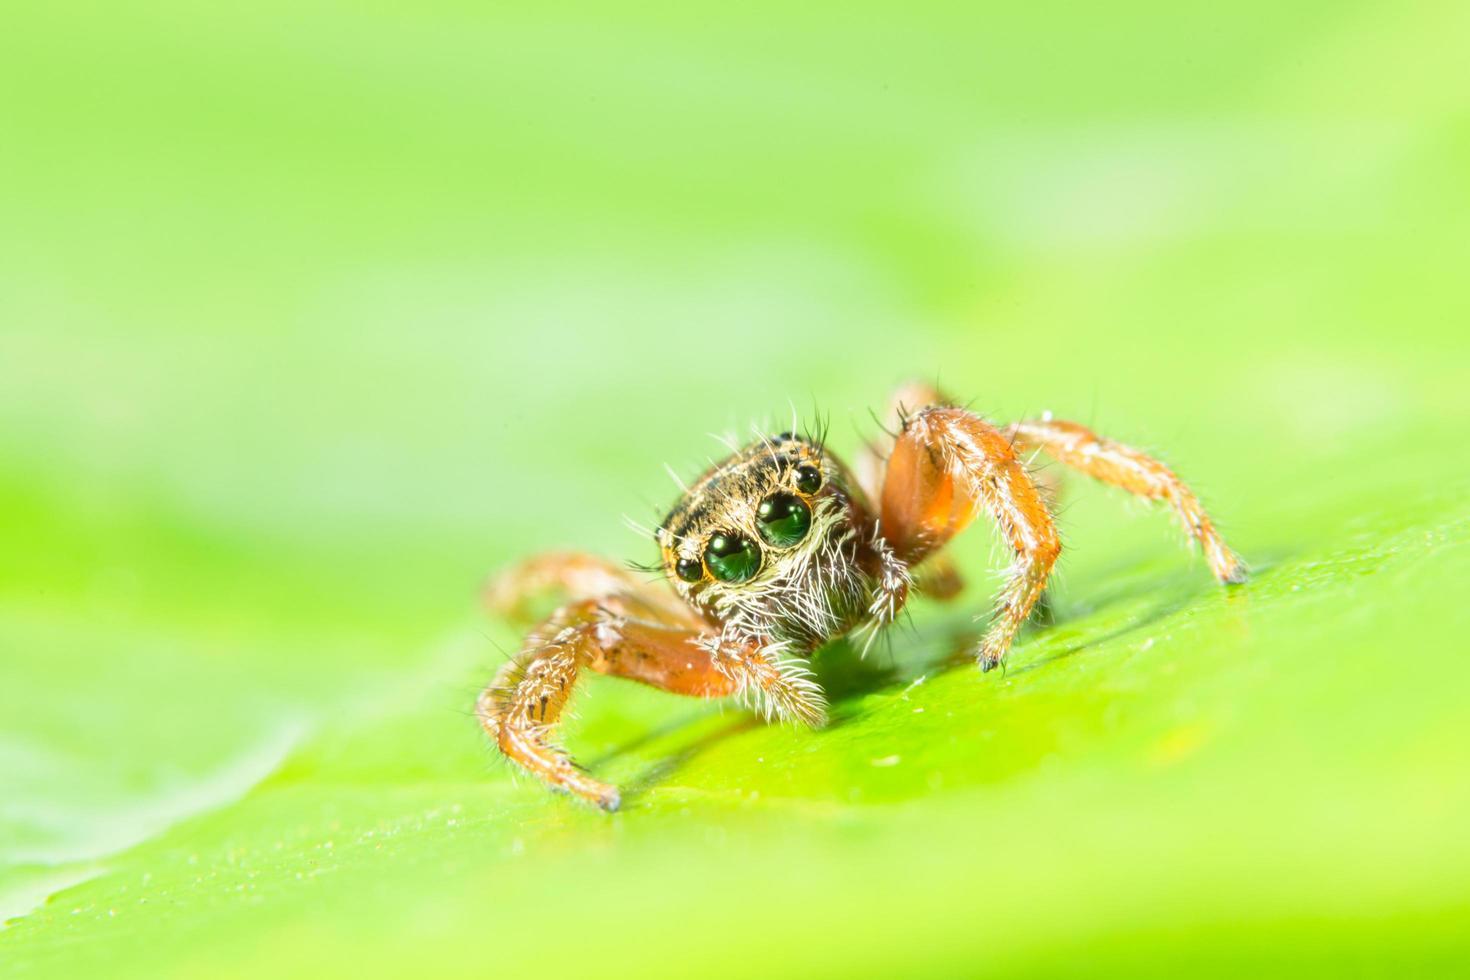 araña marrón sobre hojas verdes foto